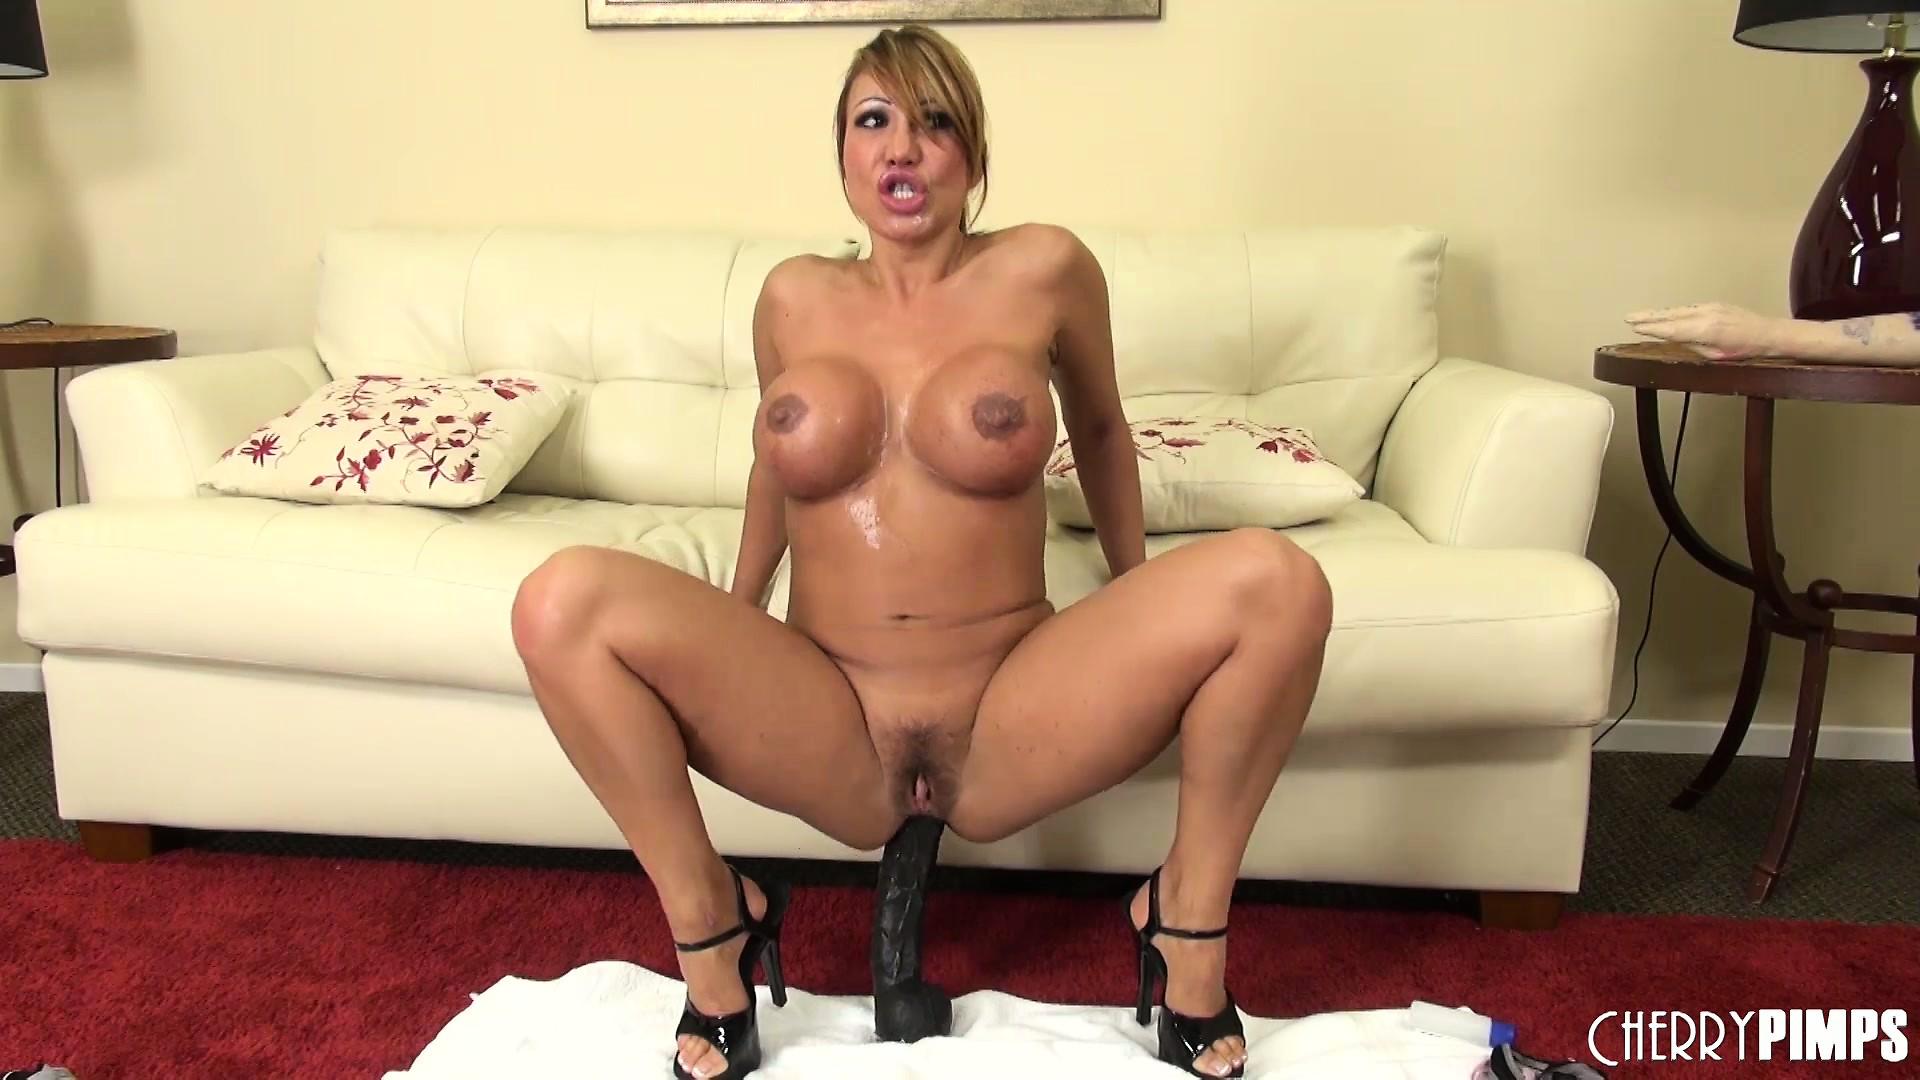 Sexy ass pussy skirt